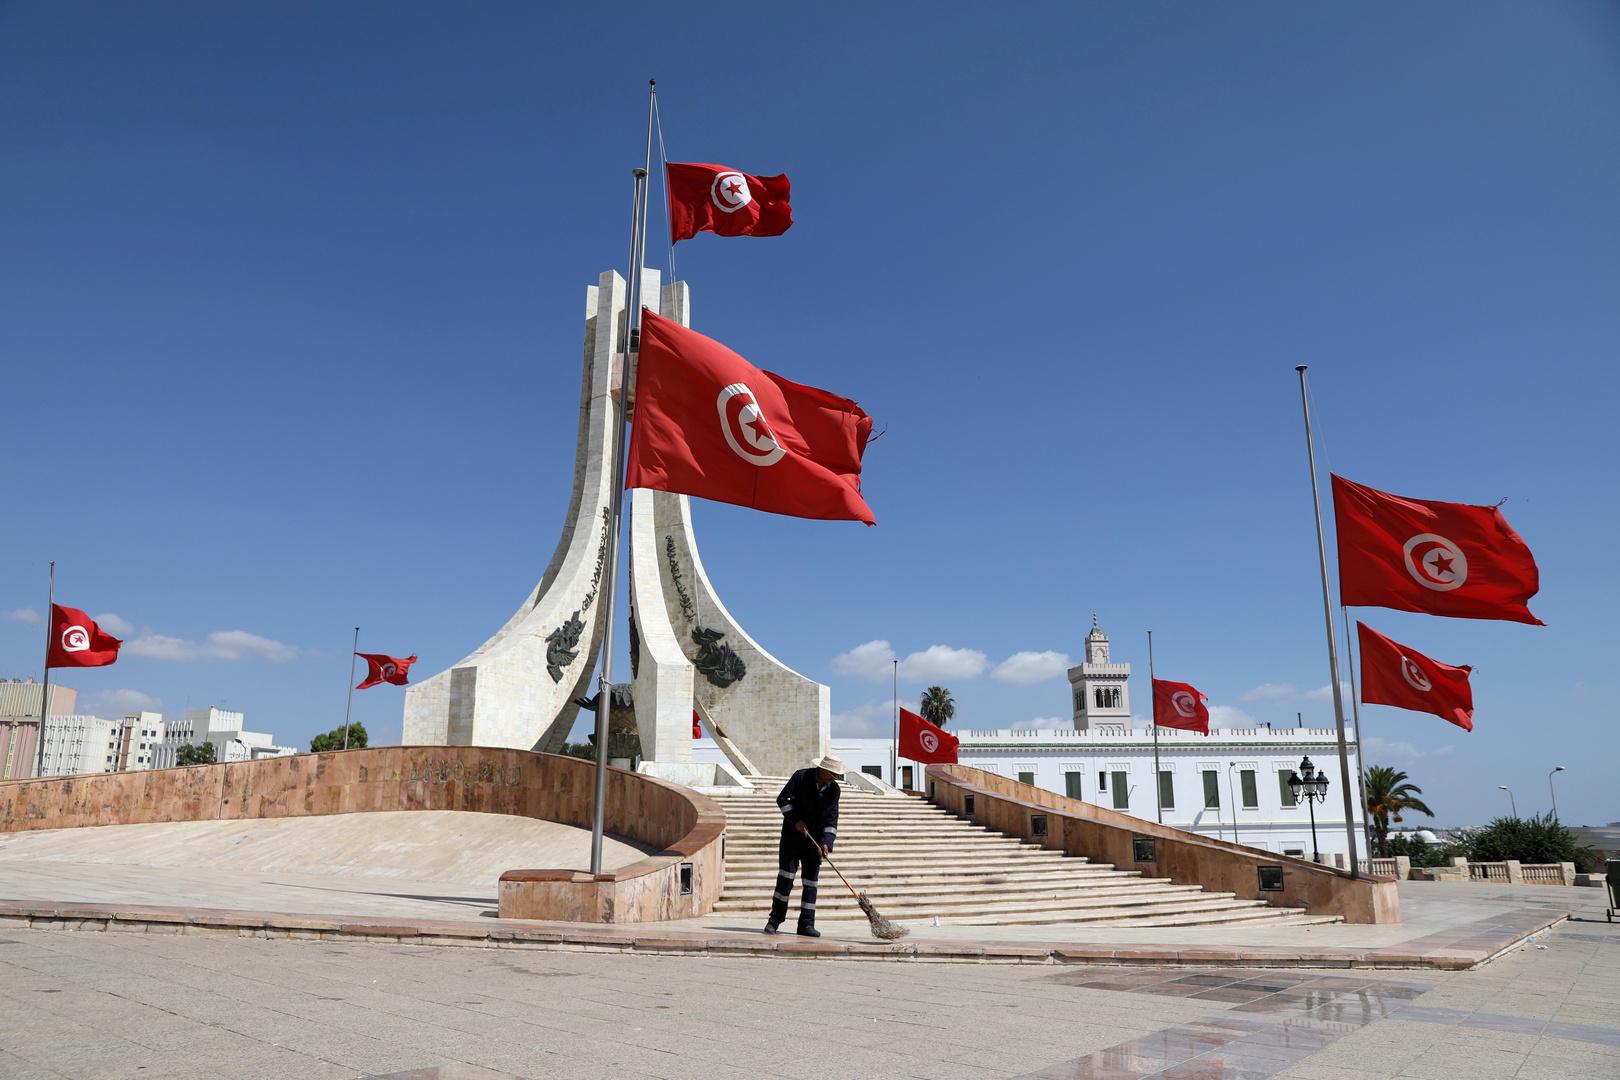 تونس.. مرصد الدفاع عن مدنية الدولة يطالب بغلق فرع اتحاد علماء المسلمين في البلاد